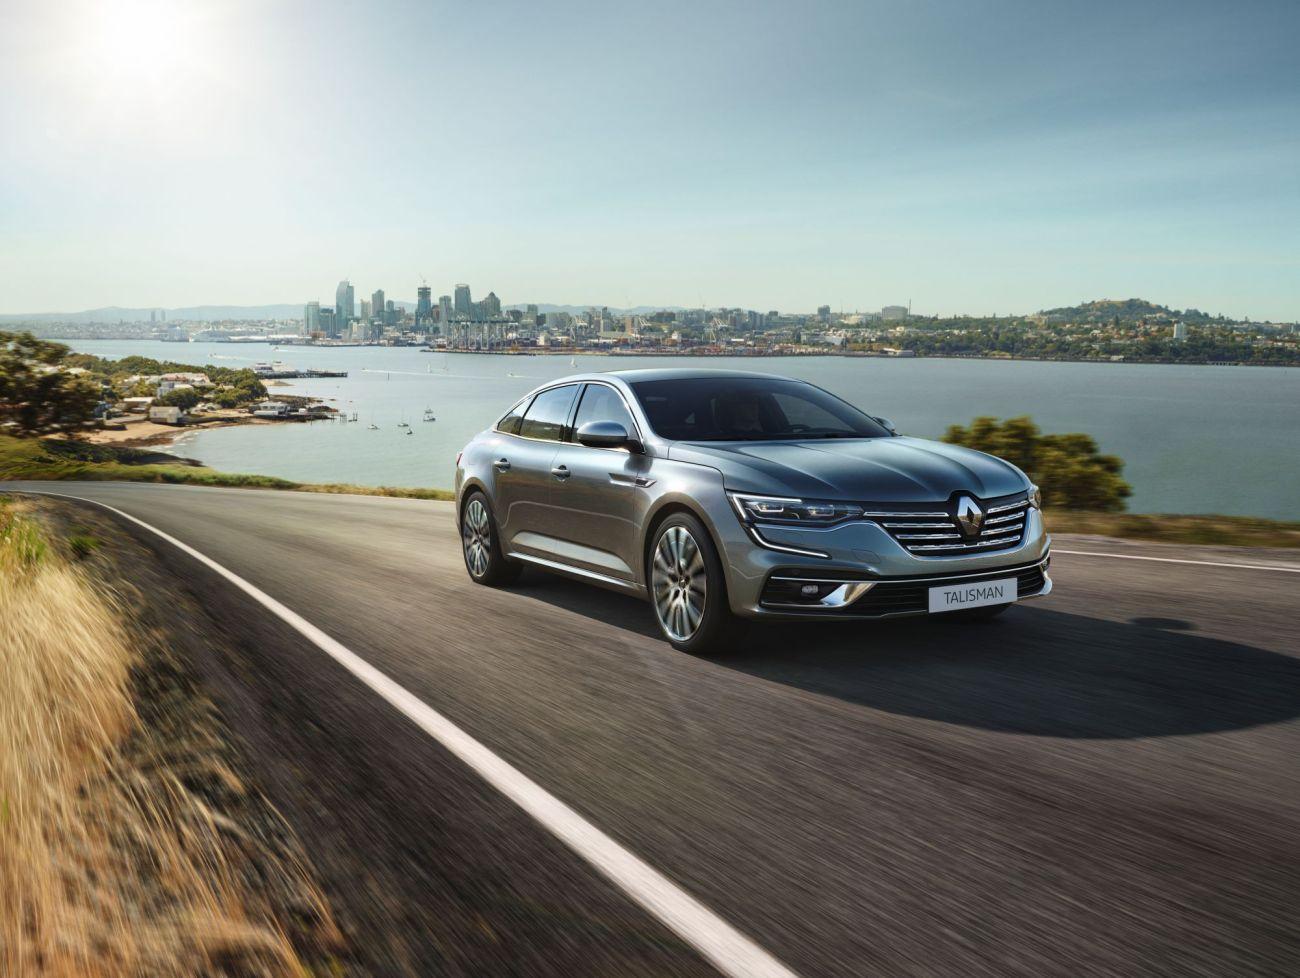 2020 - New Renault TALISMAN